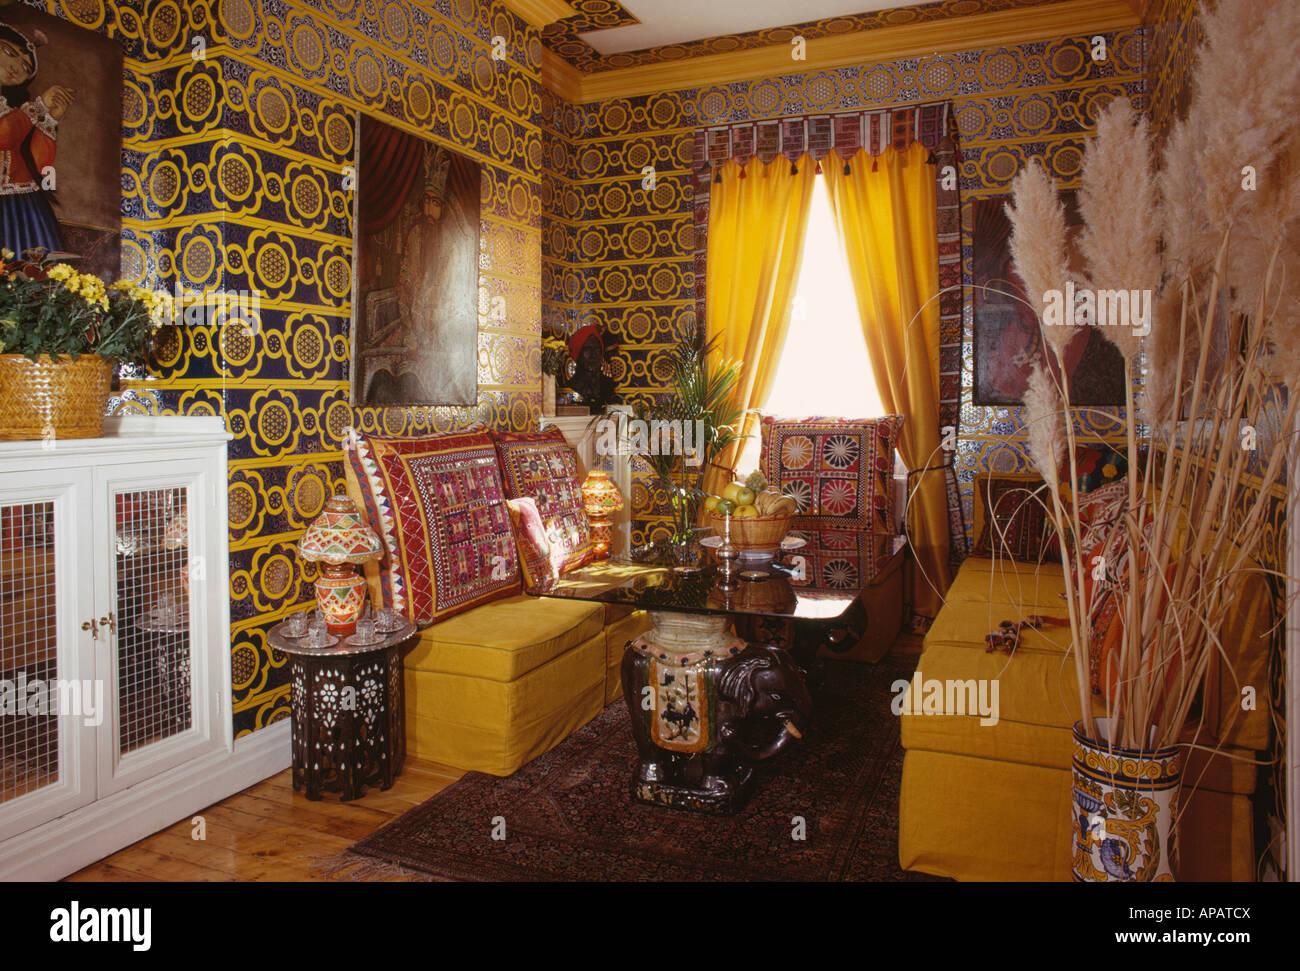 gelb und schwarz gemustert wallpaper in sechziger jahre esszimmer mit gelben bankett bestuhlung und gekrnt - Esstisch Mit Bankettbestuhlung